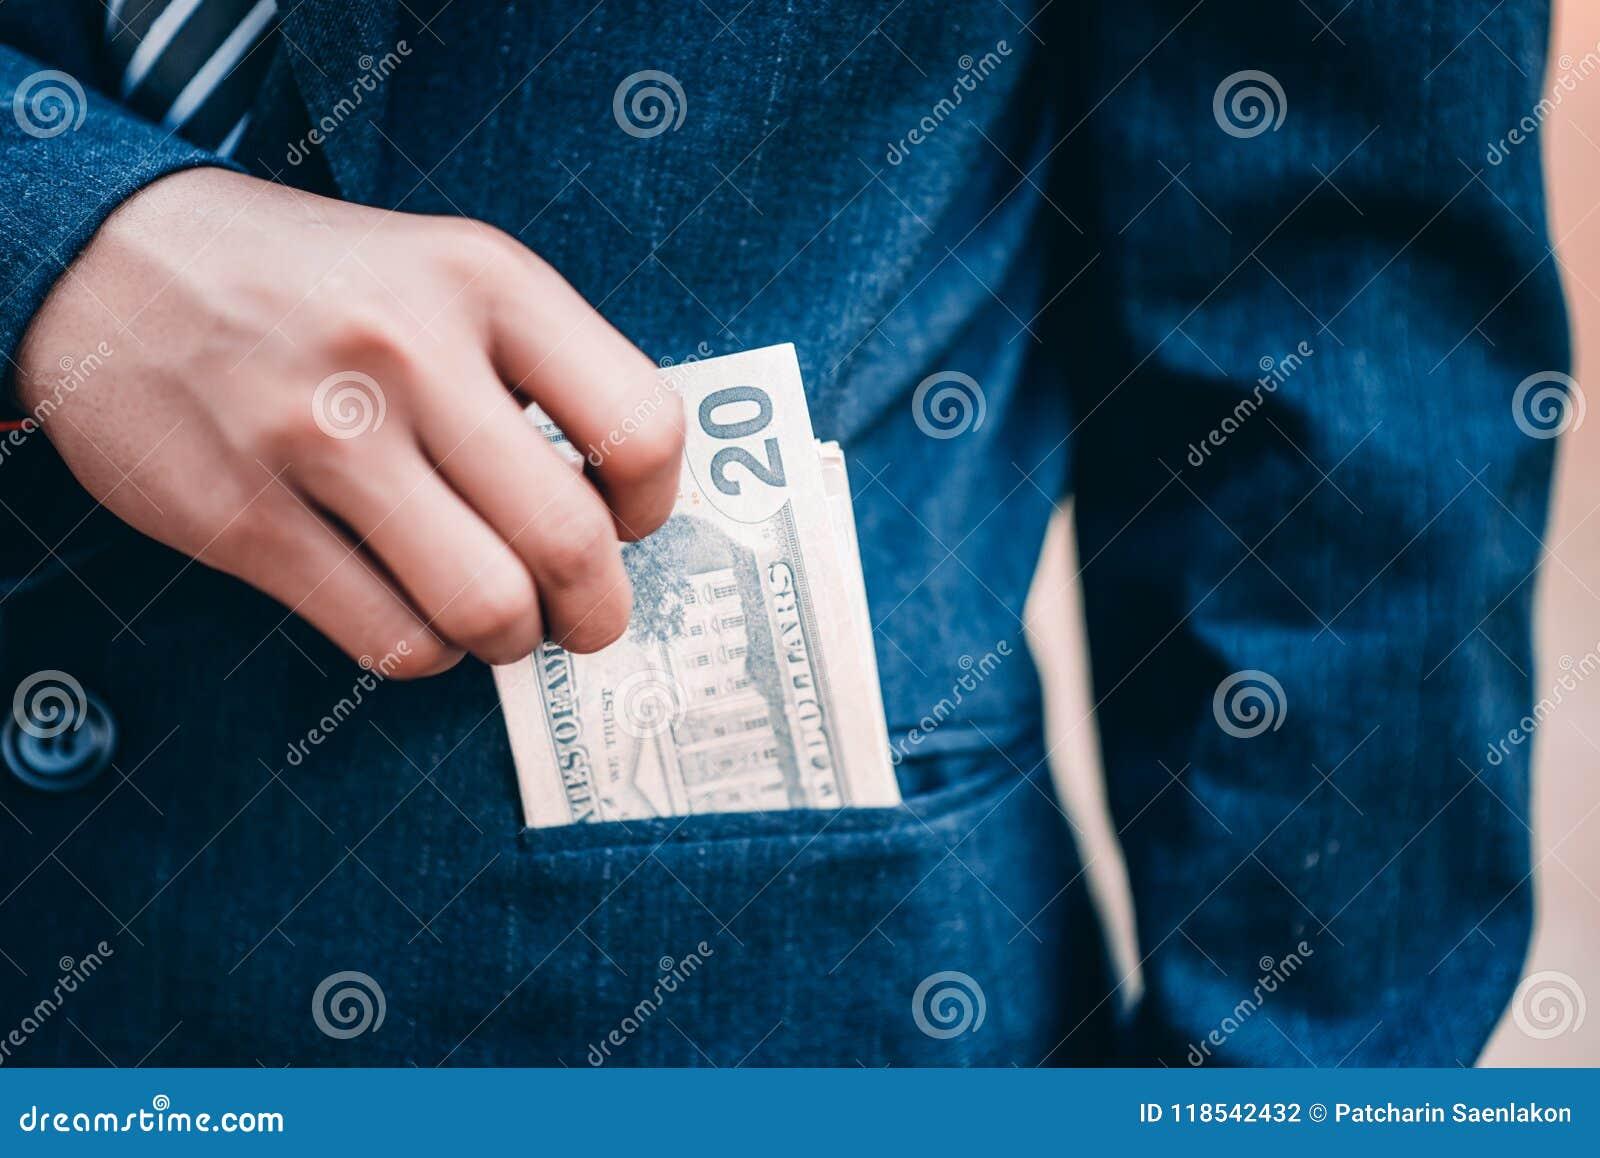 Hands and money of financiers